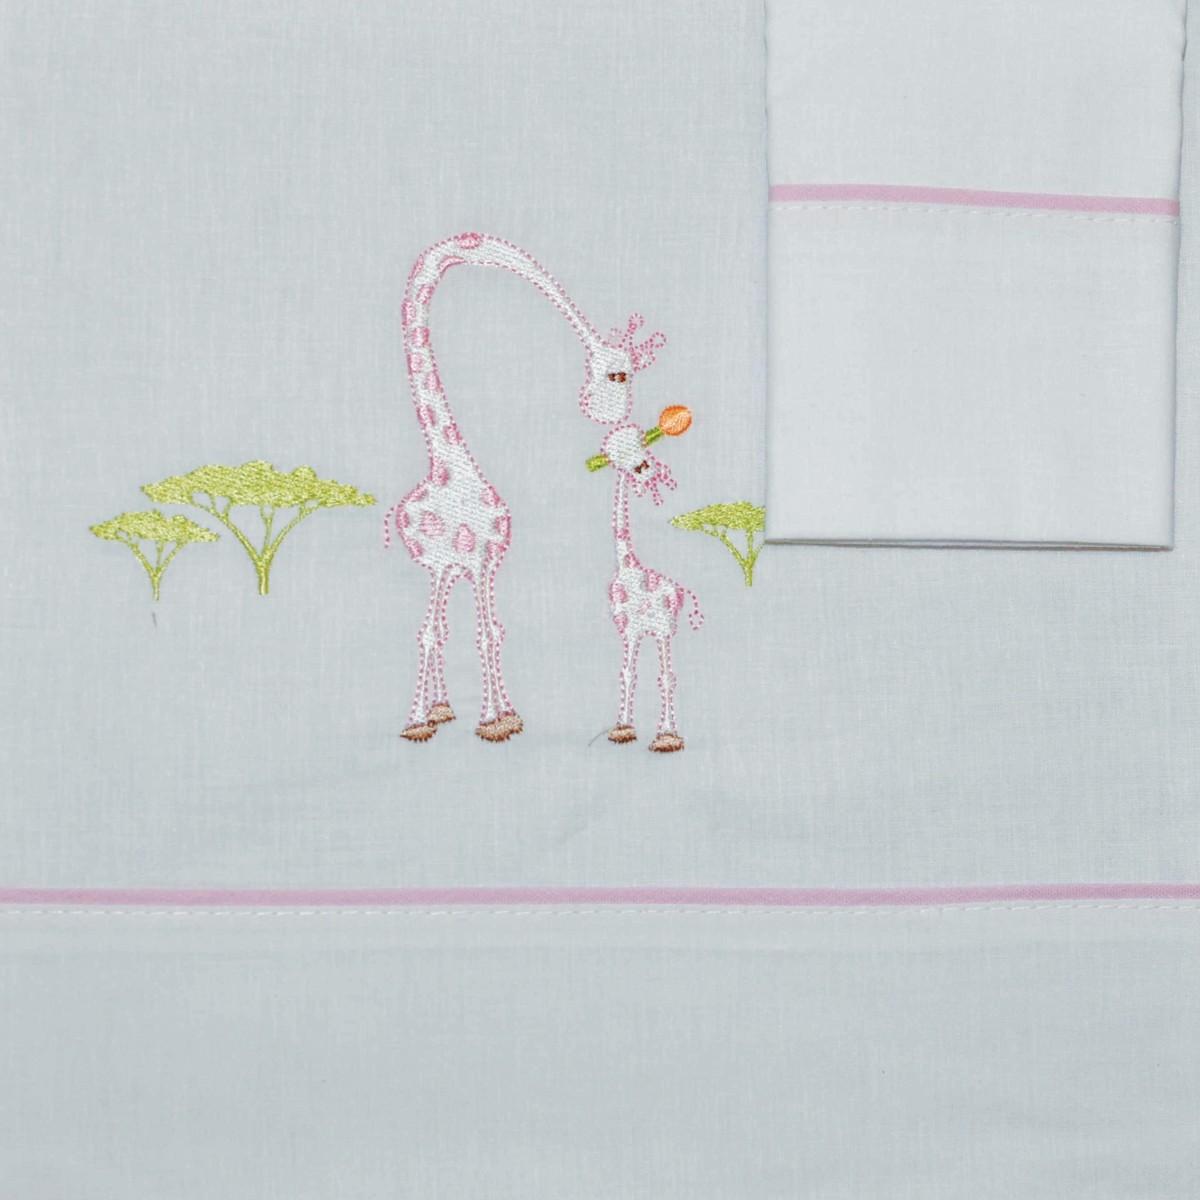 Σεντόνια Κούνιας (Σετ) Morven 621 Pink